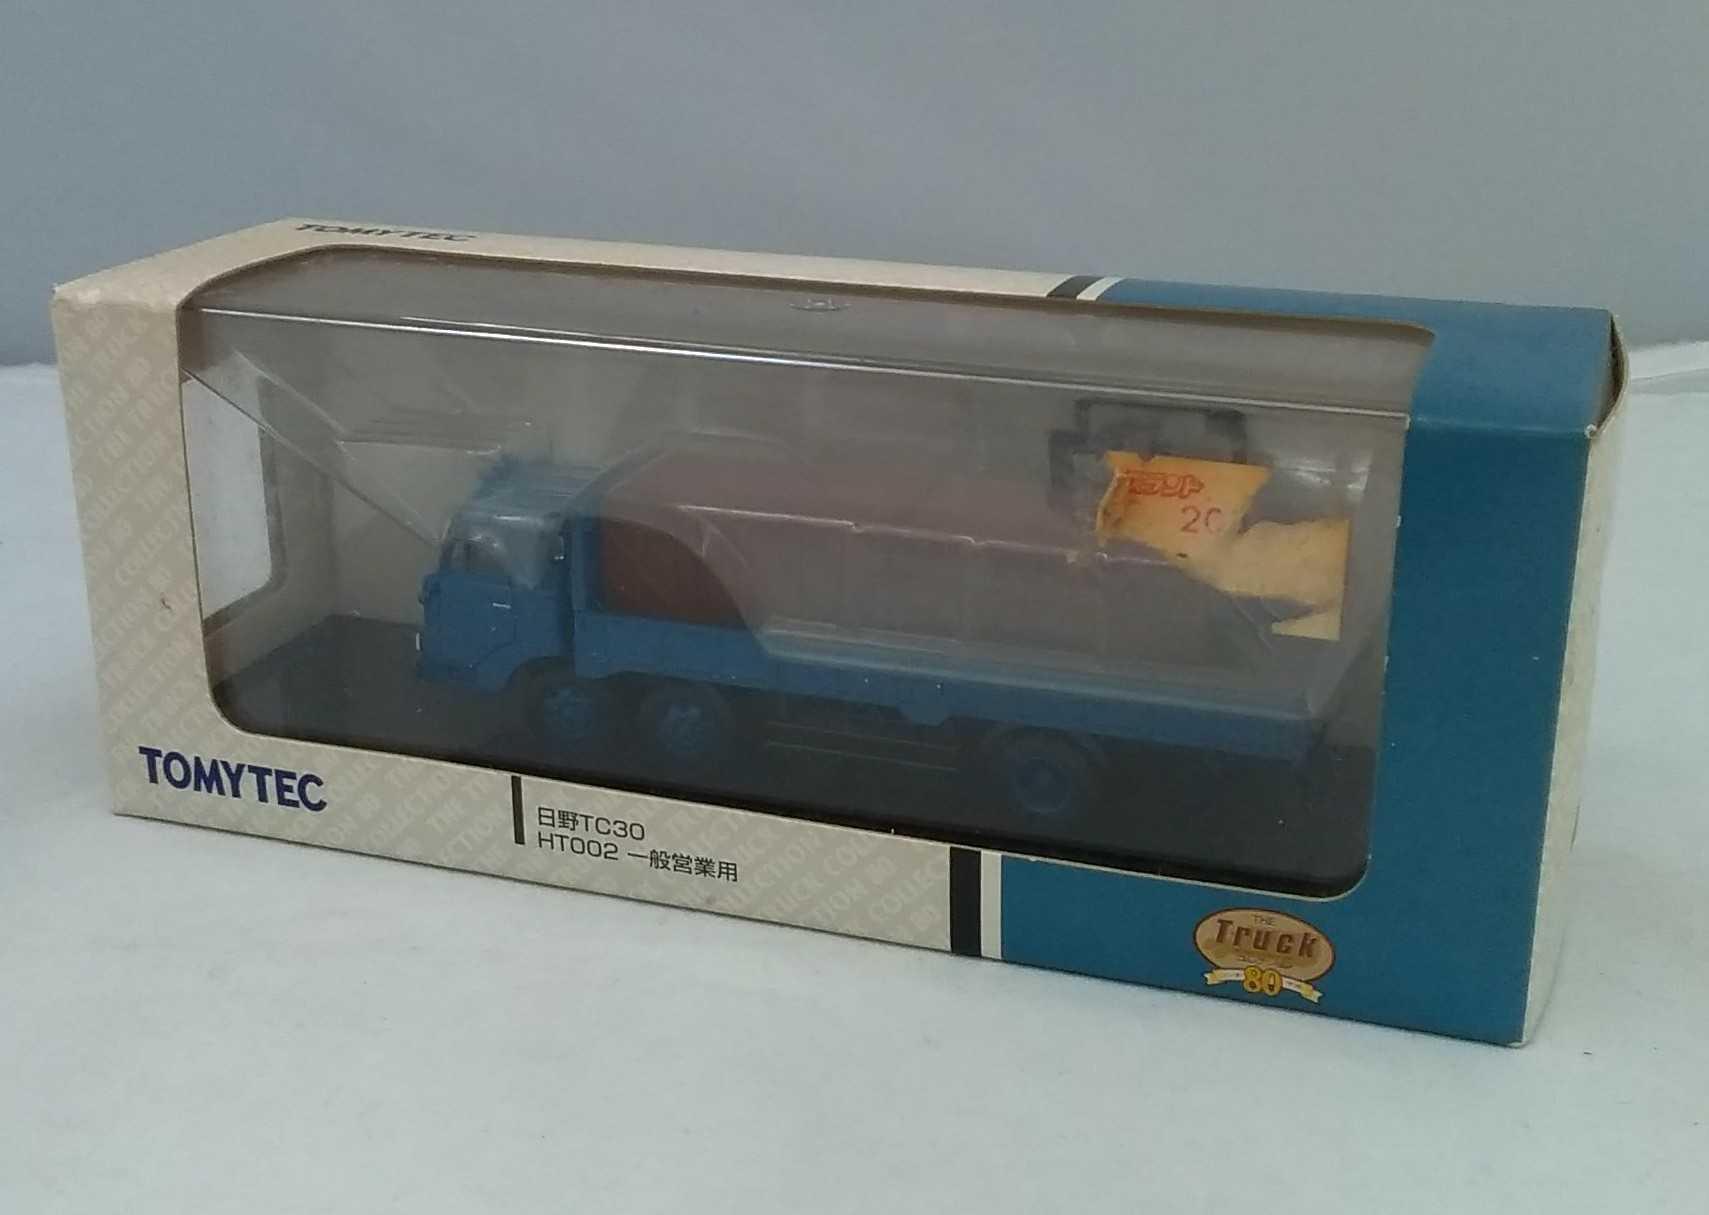 日野TC30 HT002 一般営業用|TOMYTEC